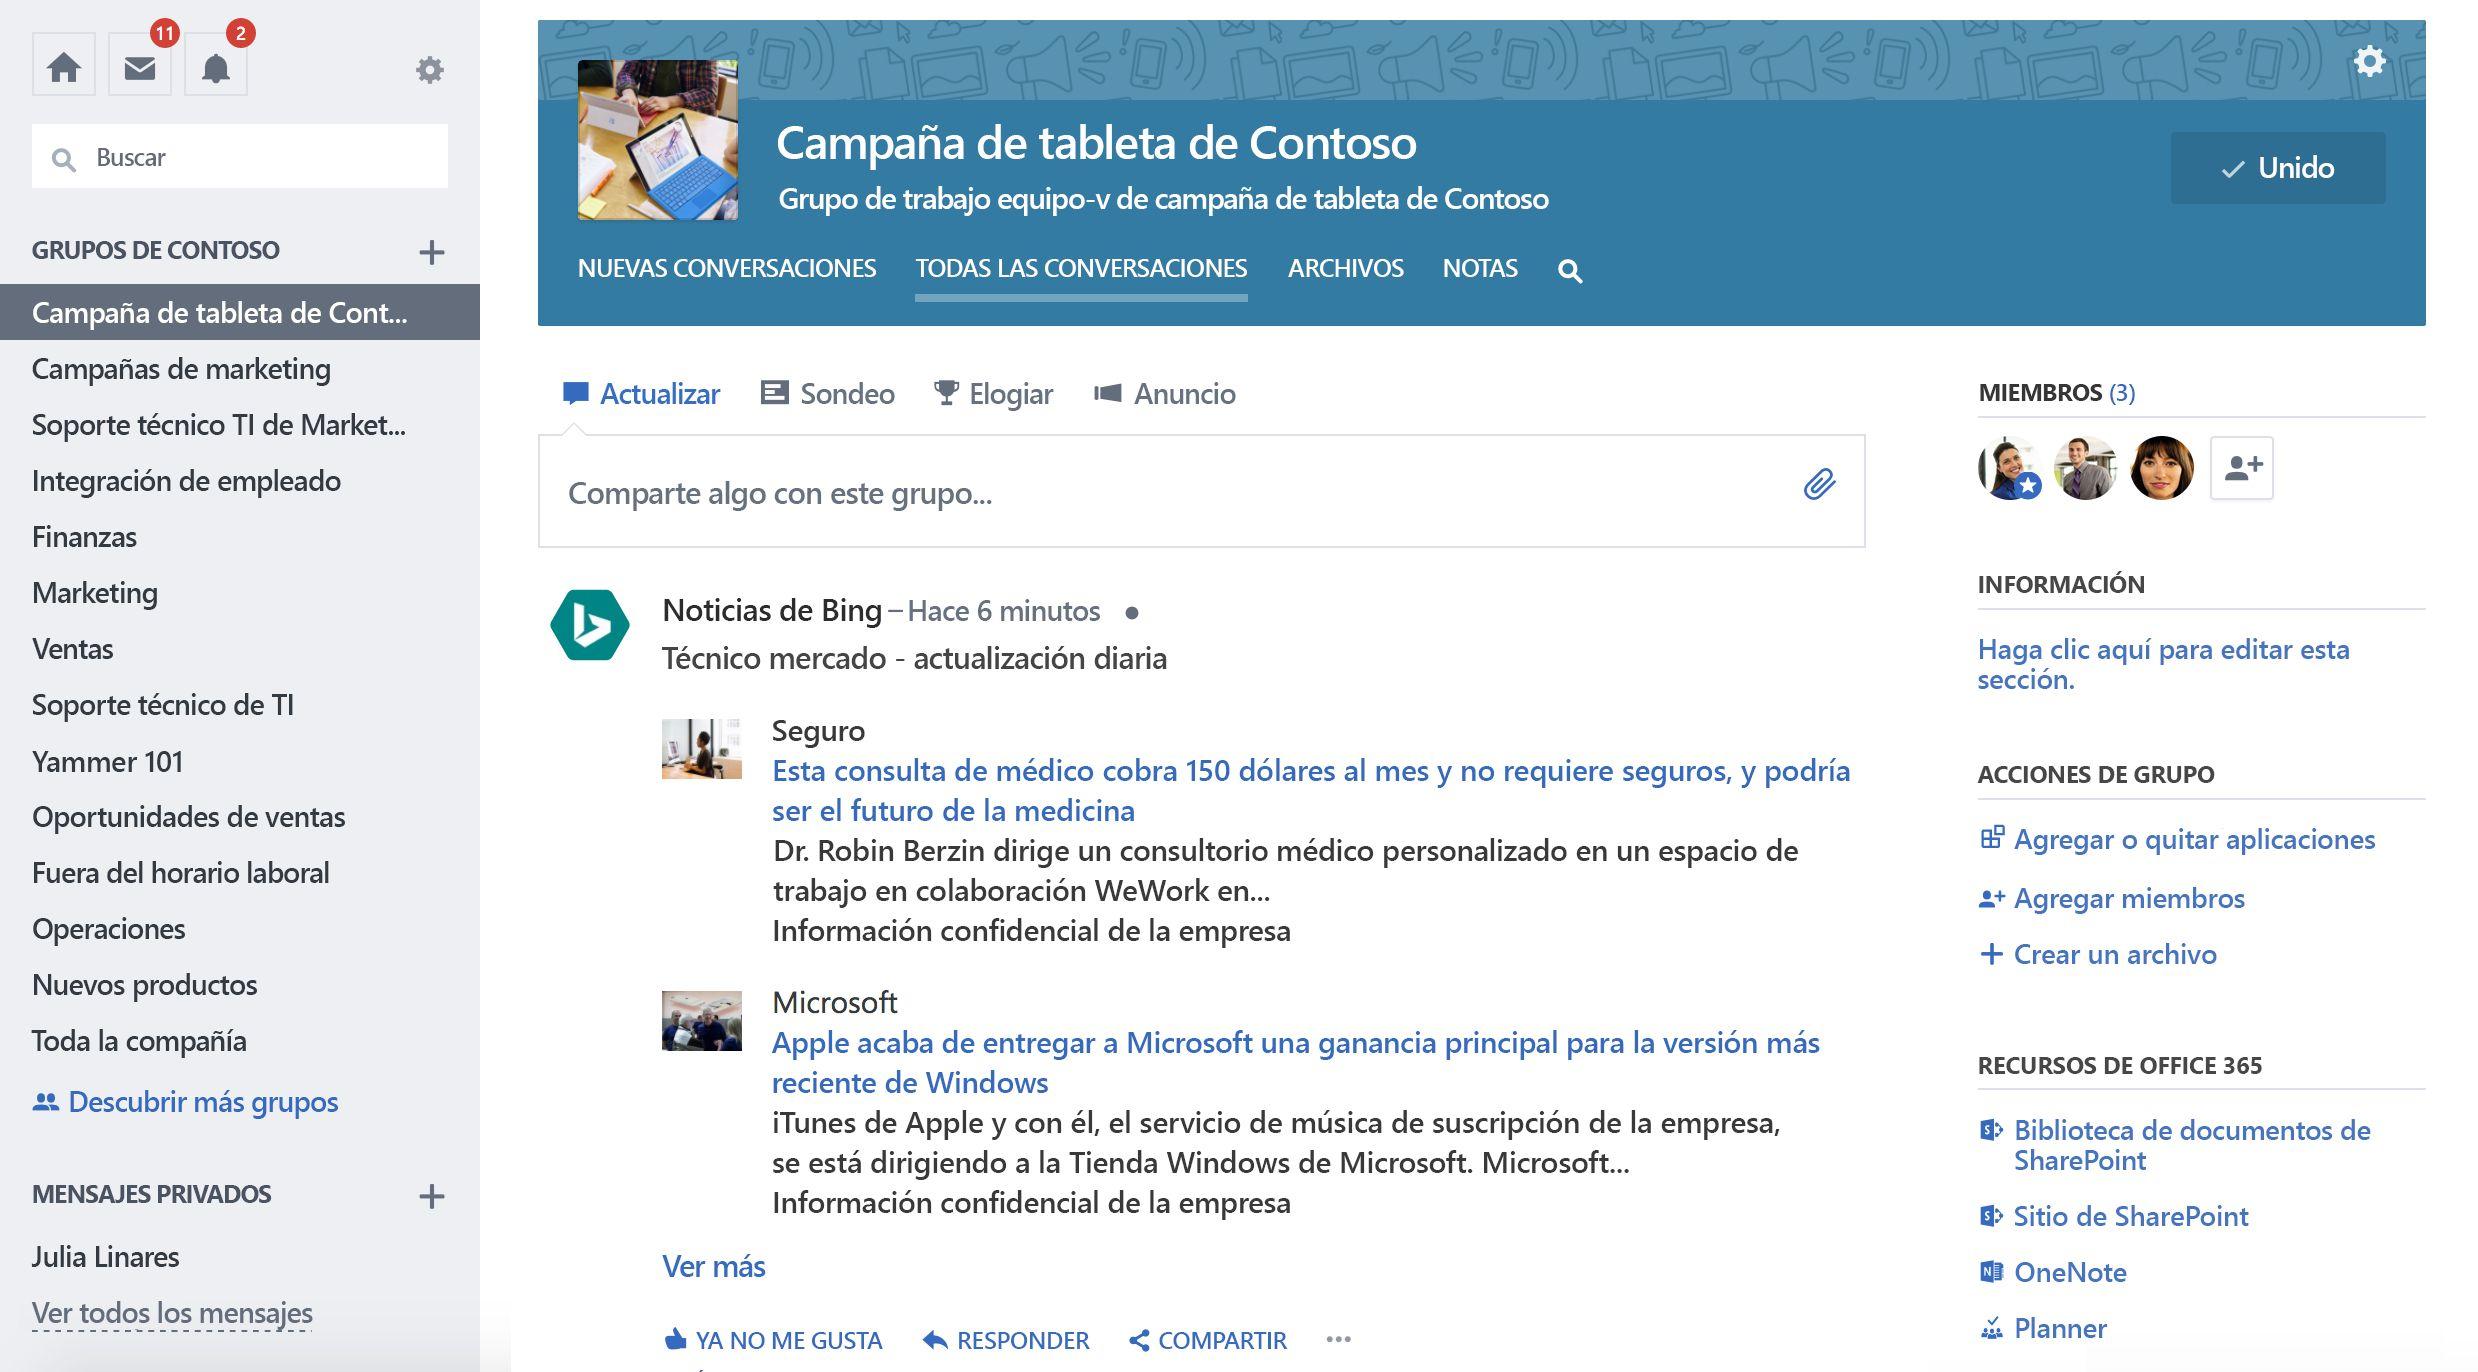 Captura de pantalla de la actualización del grupo de un servicio de terceros